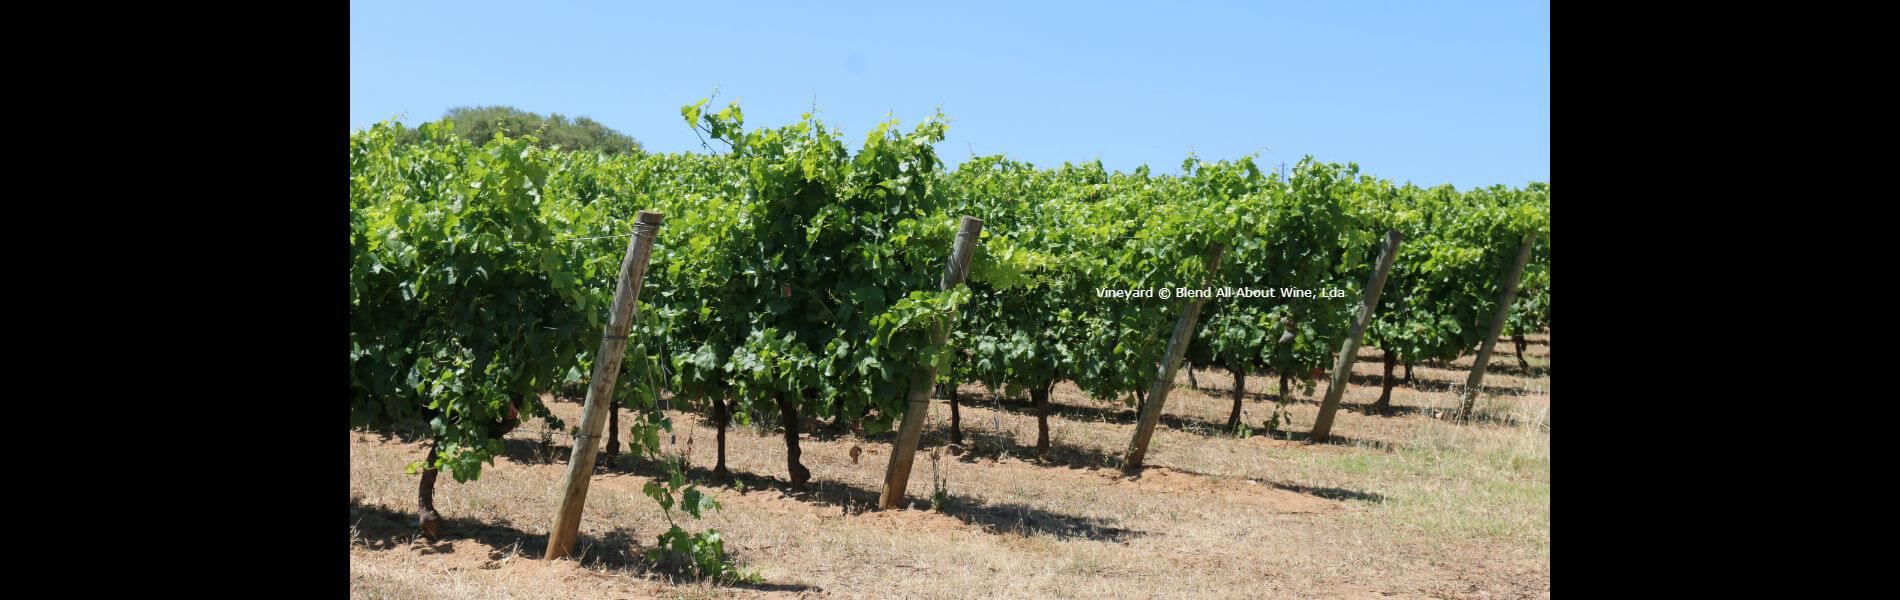 Blend-All-About-Wine-Goya-Slider